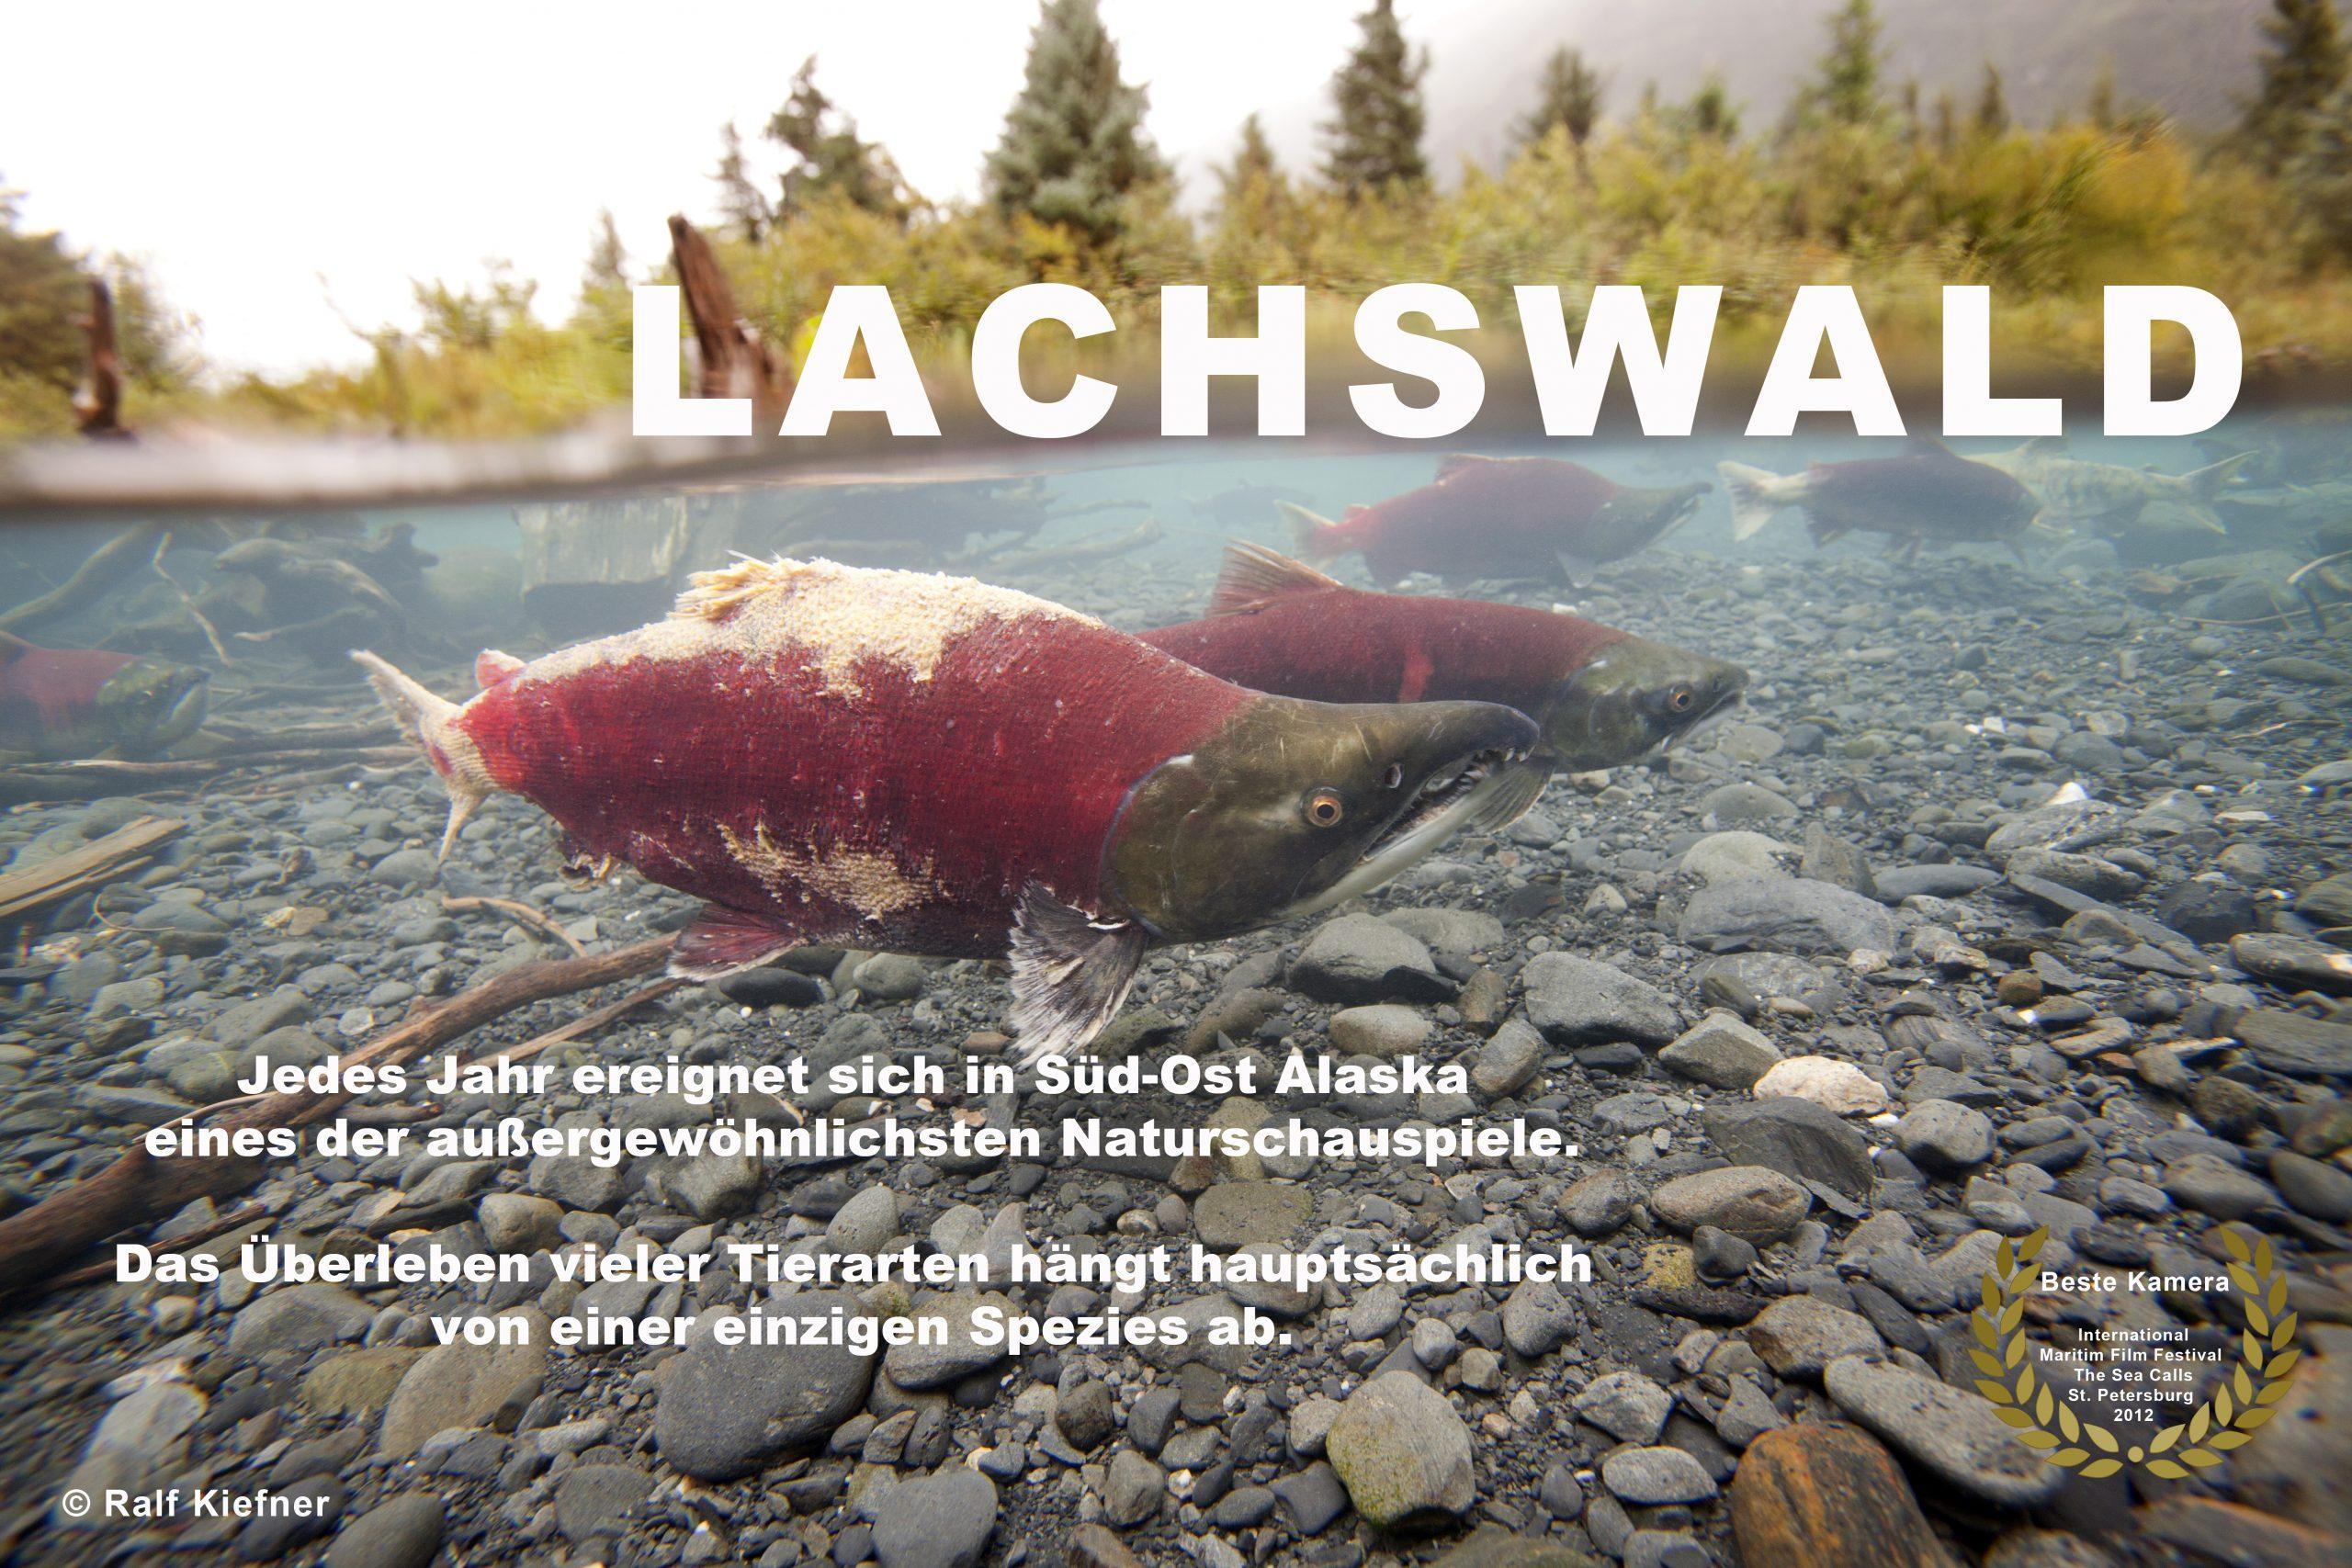 2012 - Lachswald-RalfKiefner-deutsch